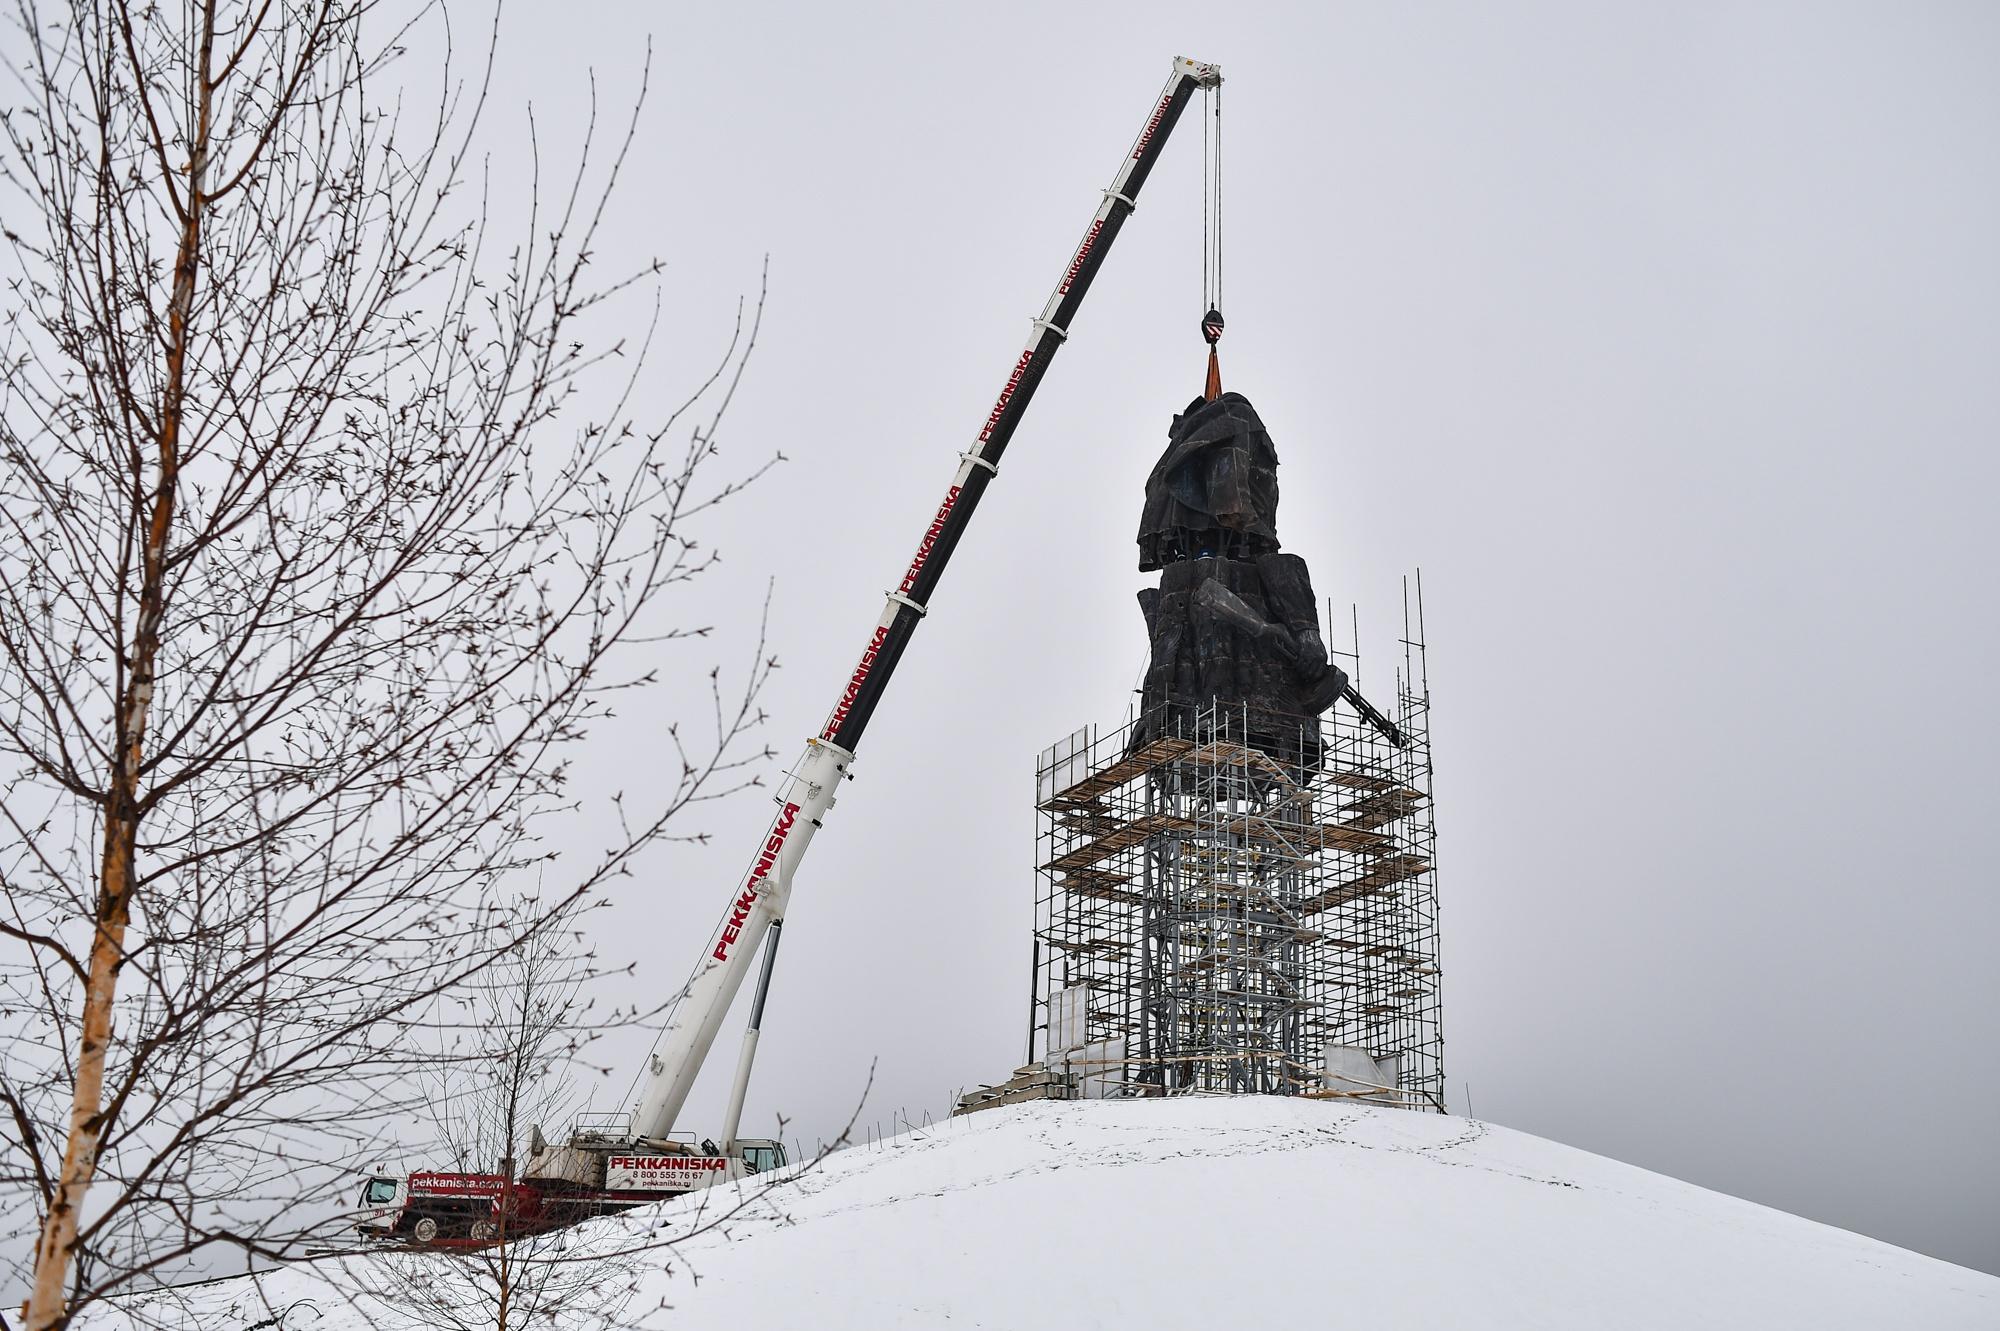 Мемориал Советскому солдату откроется в мае 2020 года - к 75-летию Победы в Великой Отечественной войне.